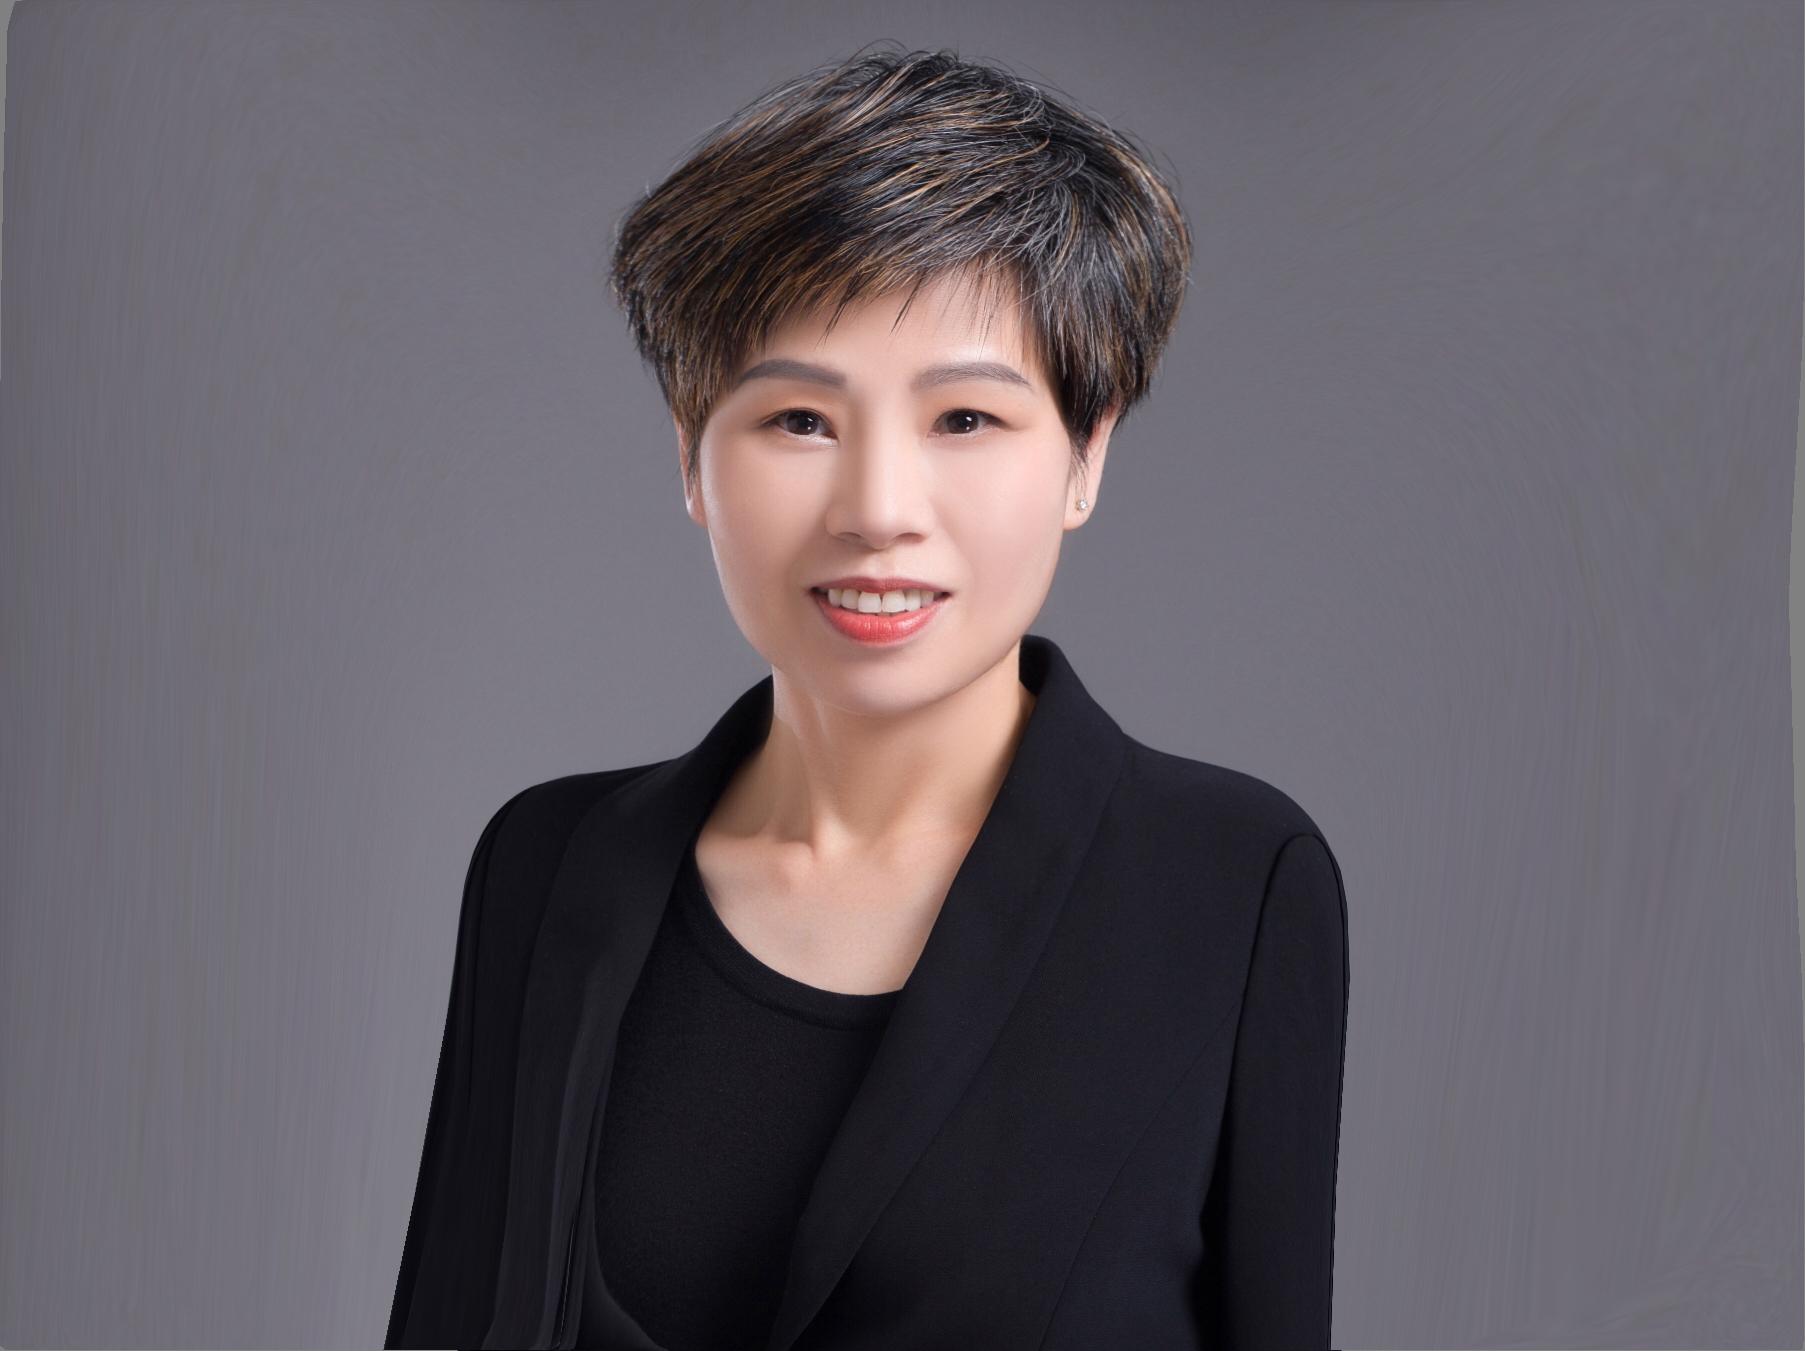 成都托尼洛·兰博基尼酒店任李惠贞为酒店总经理